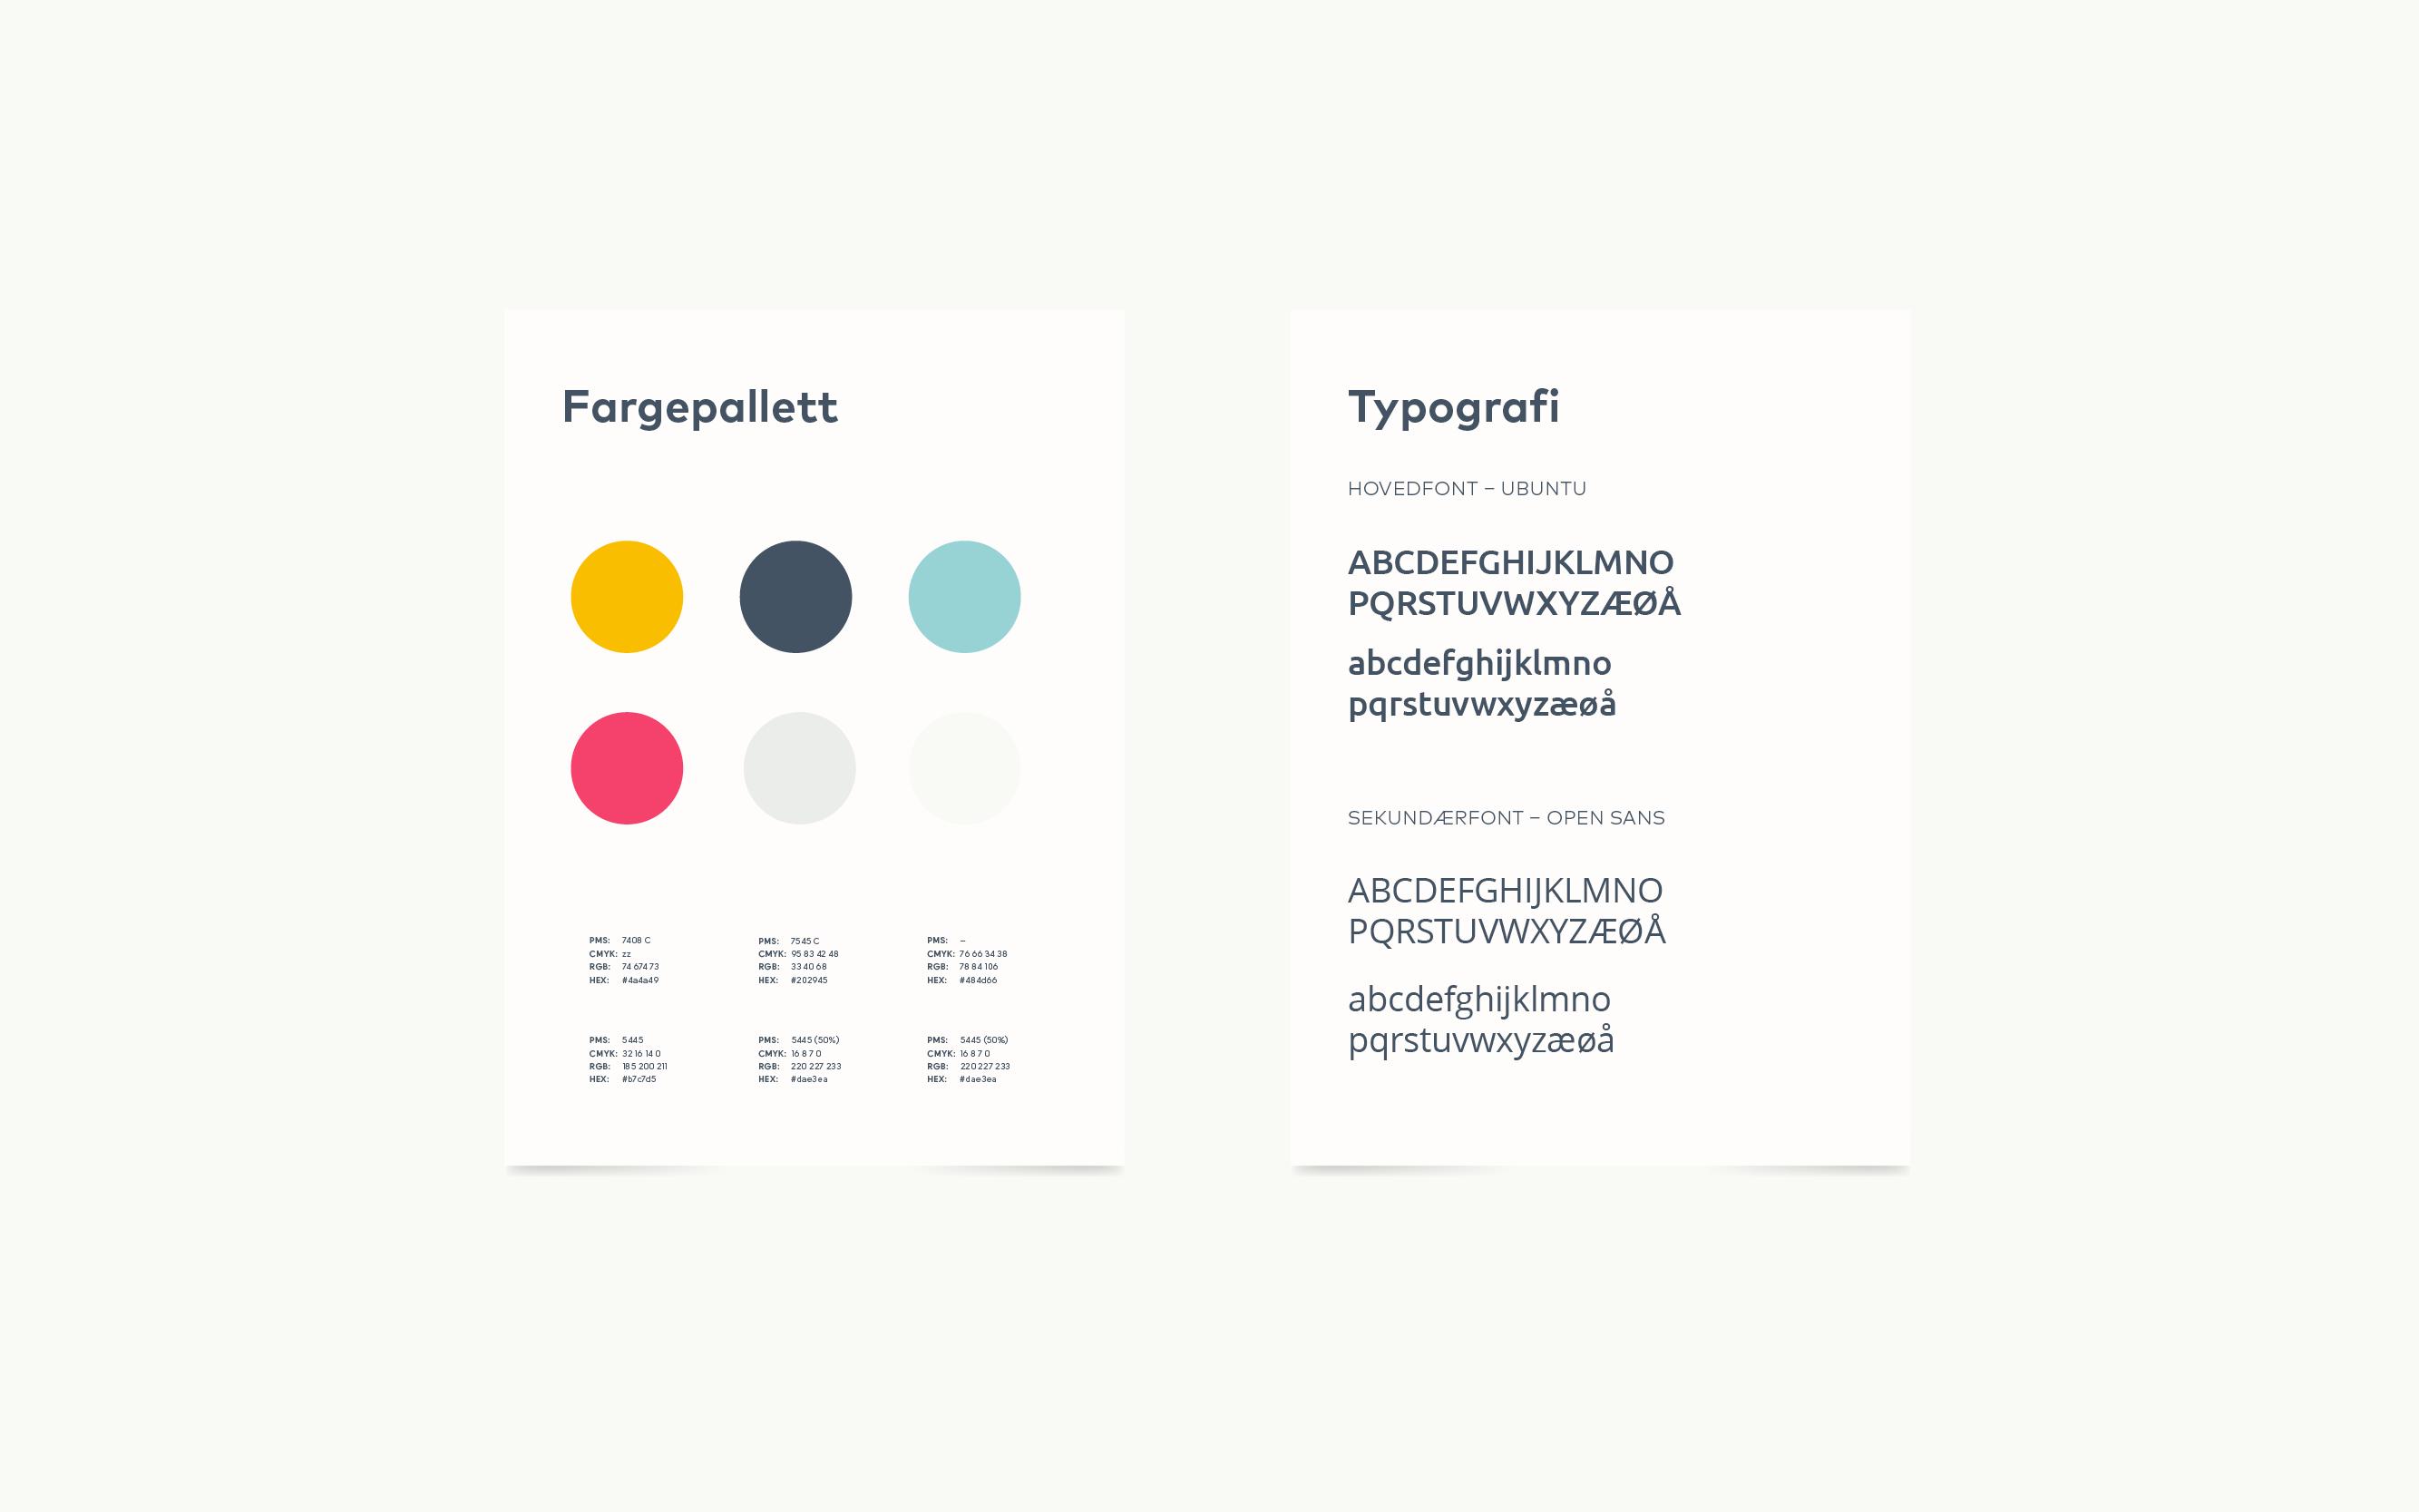 Hapro jobb og karriere fargepallett og typografi